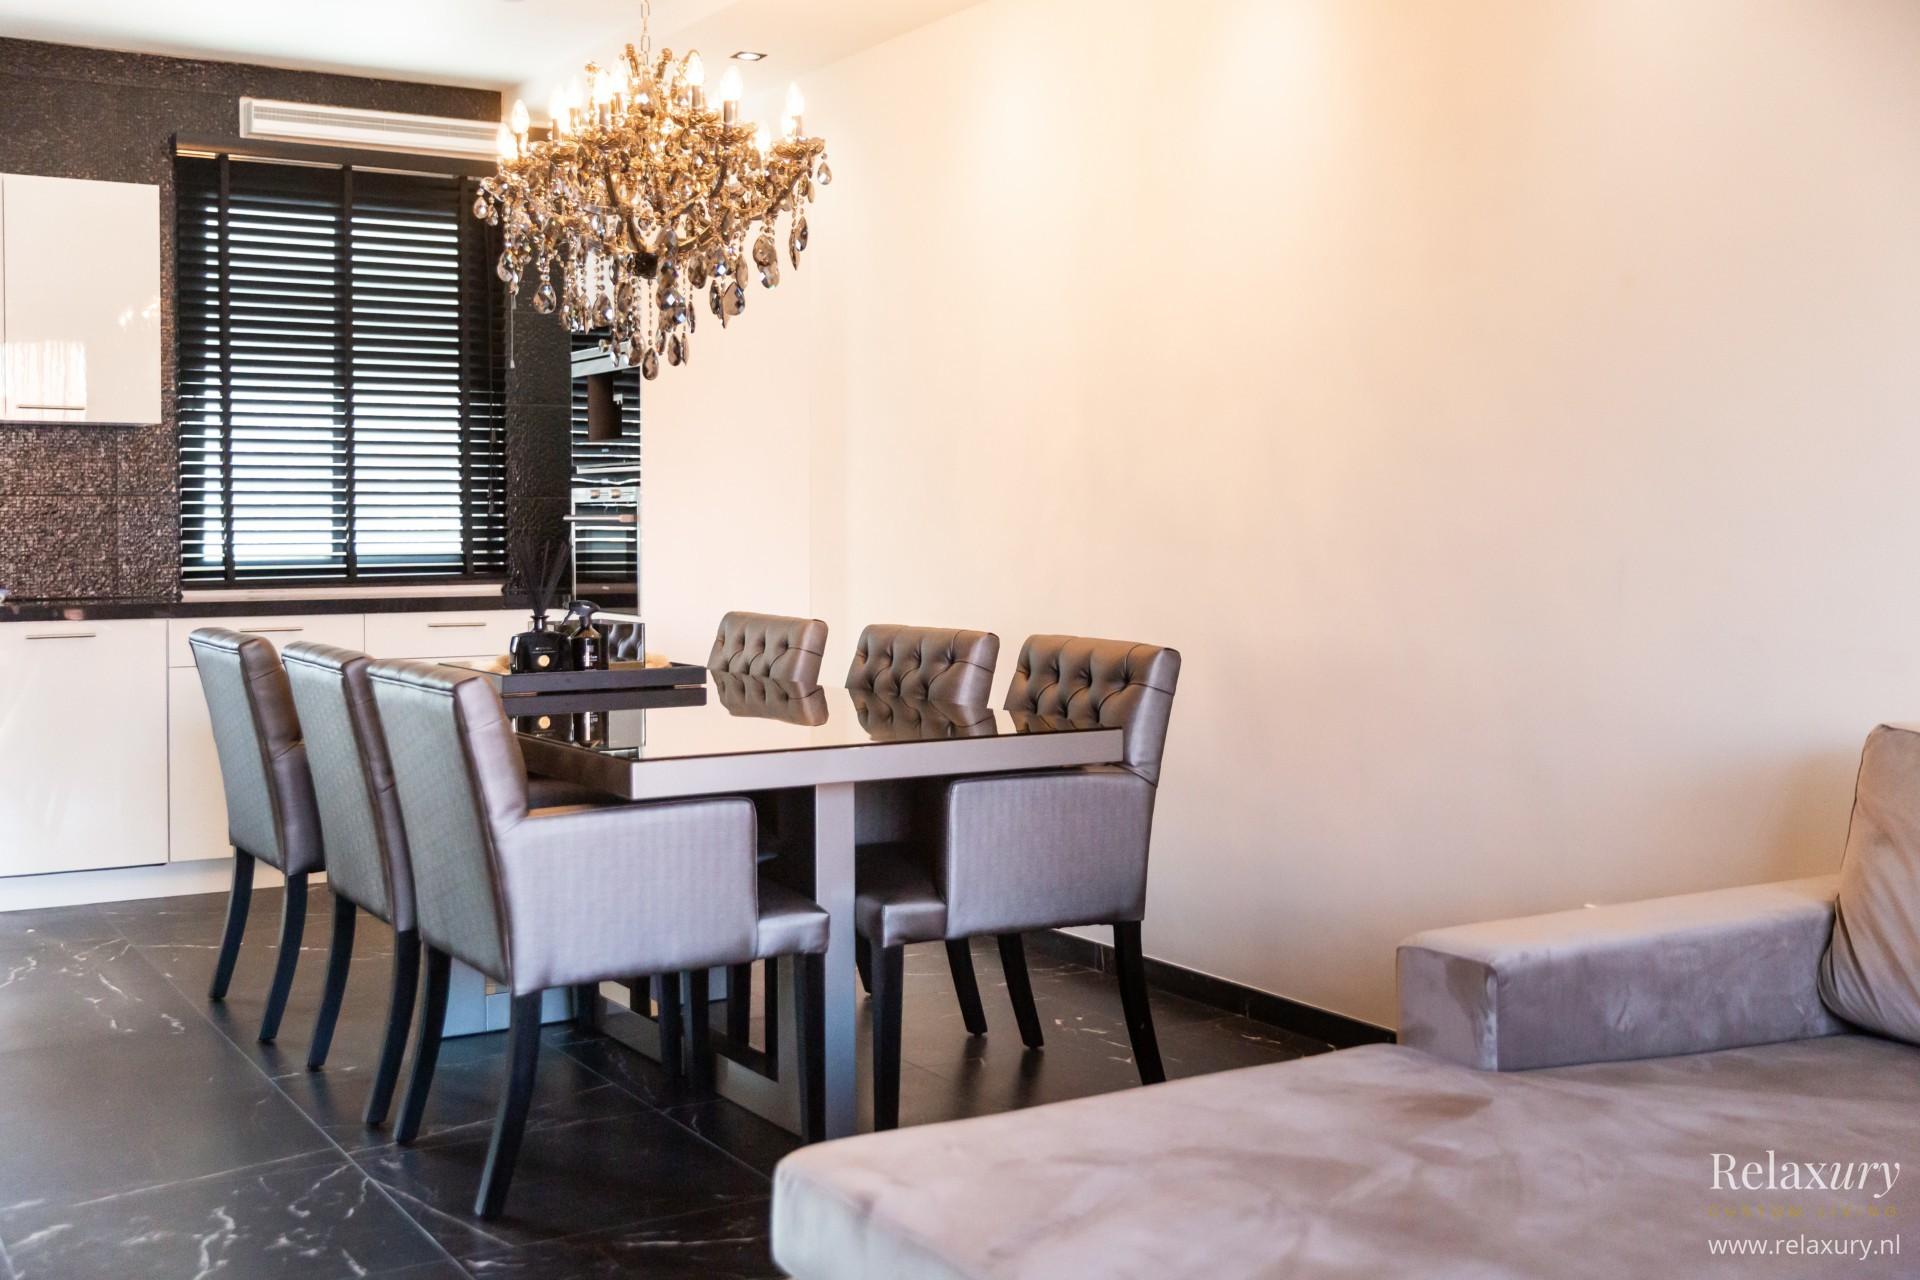 Hoogglans-eettafel-brons-glasplaat en bronzen gecapitonneerde eetkamerstoelen